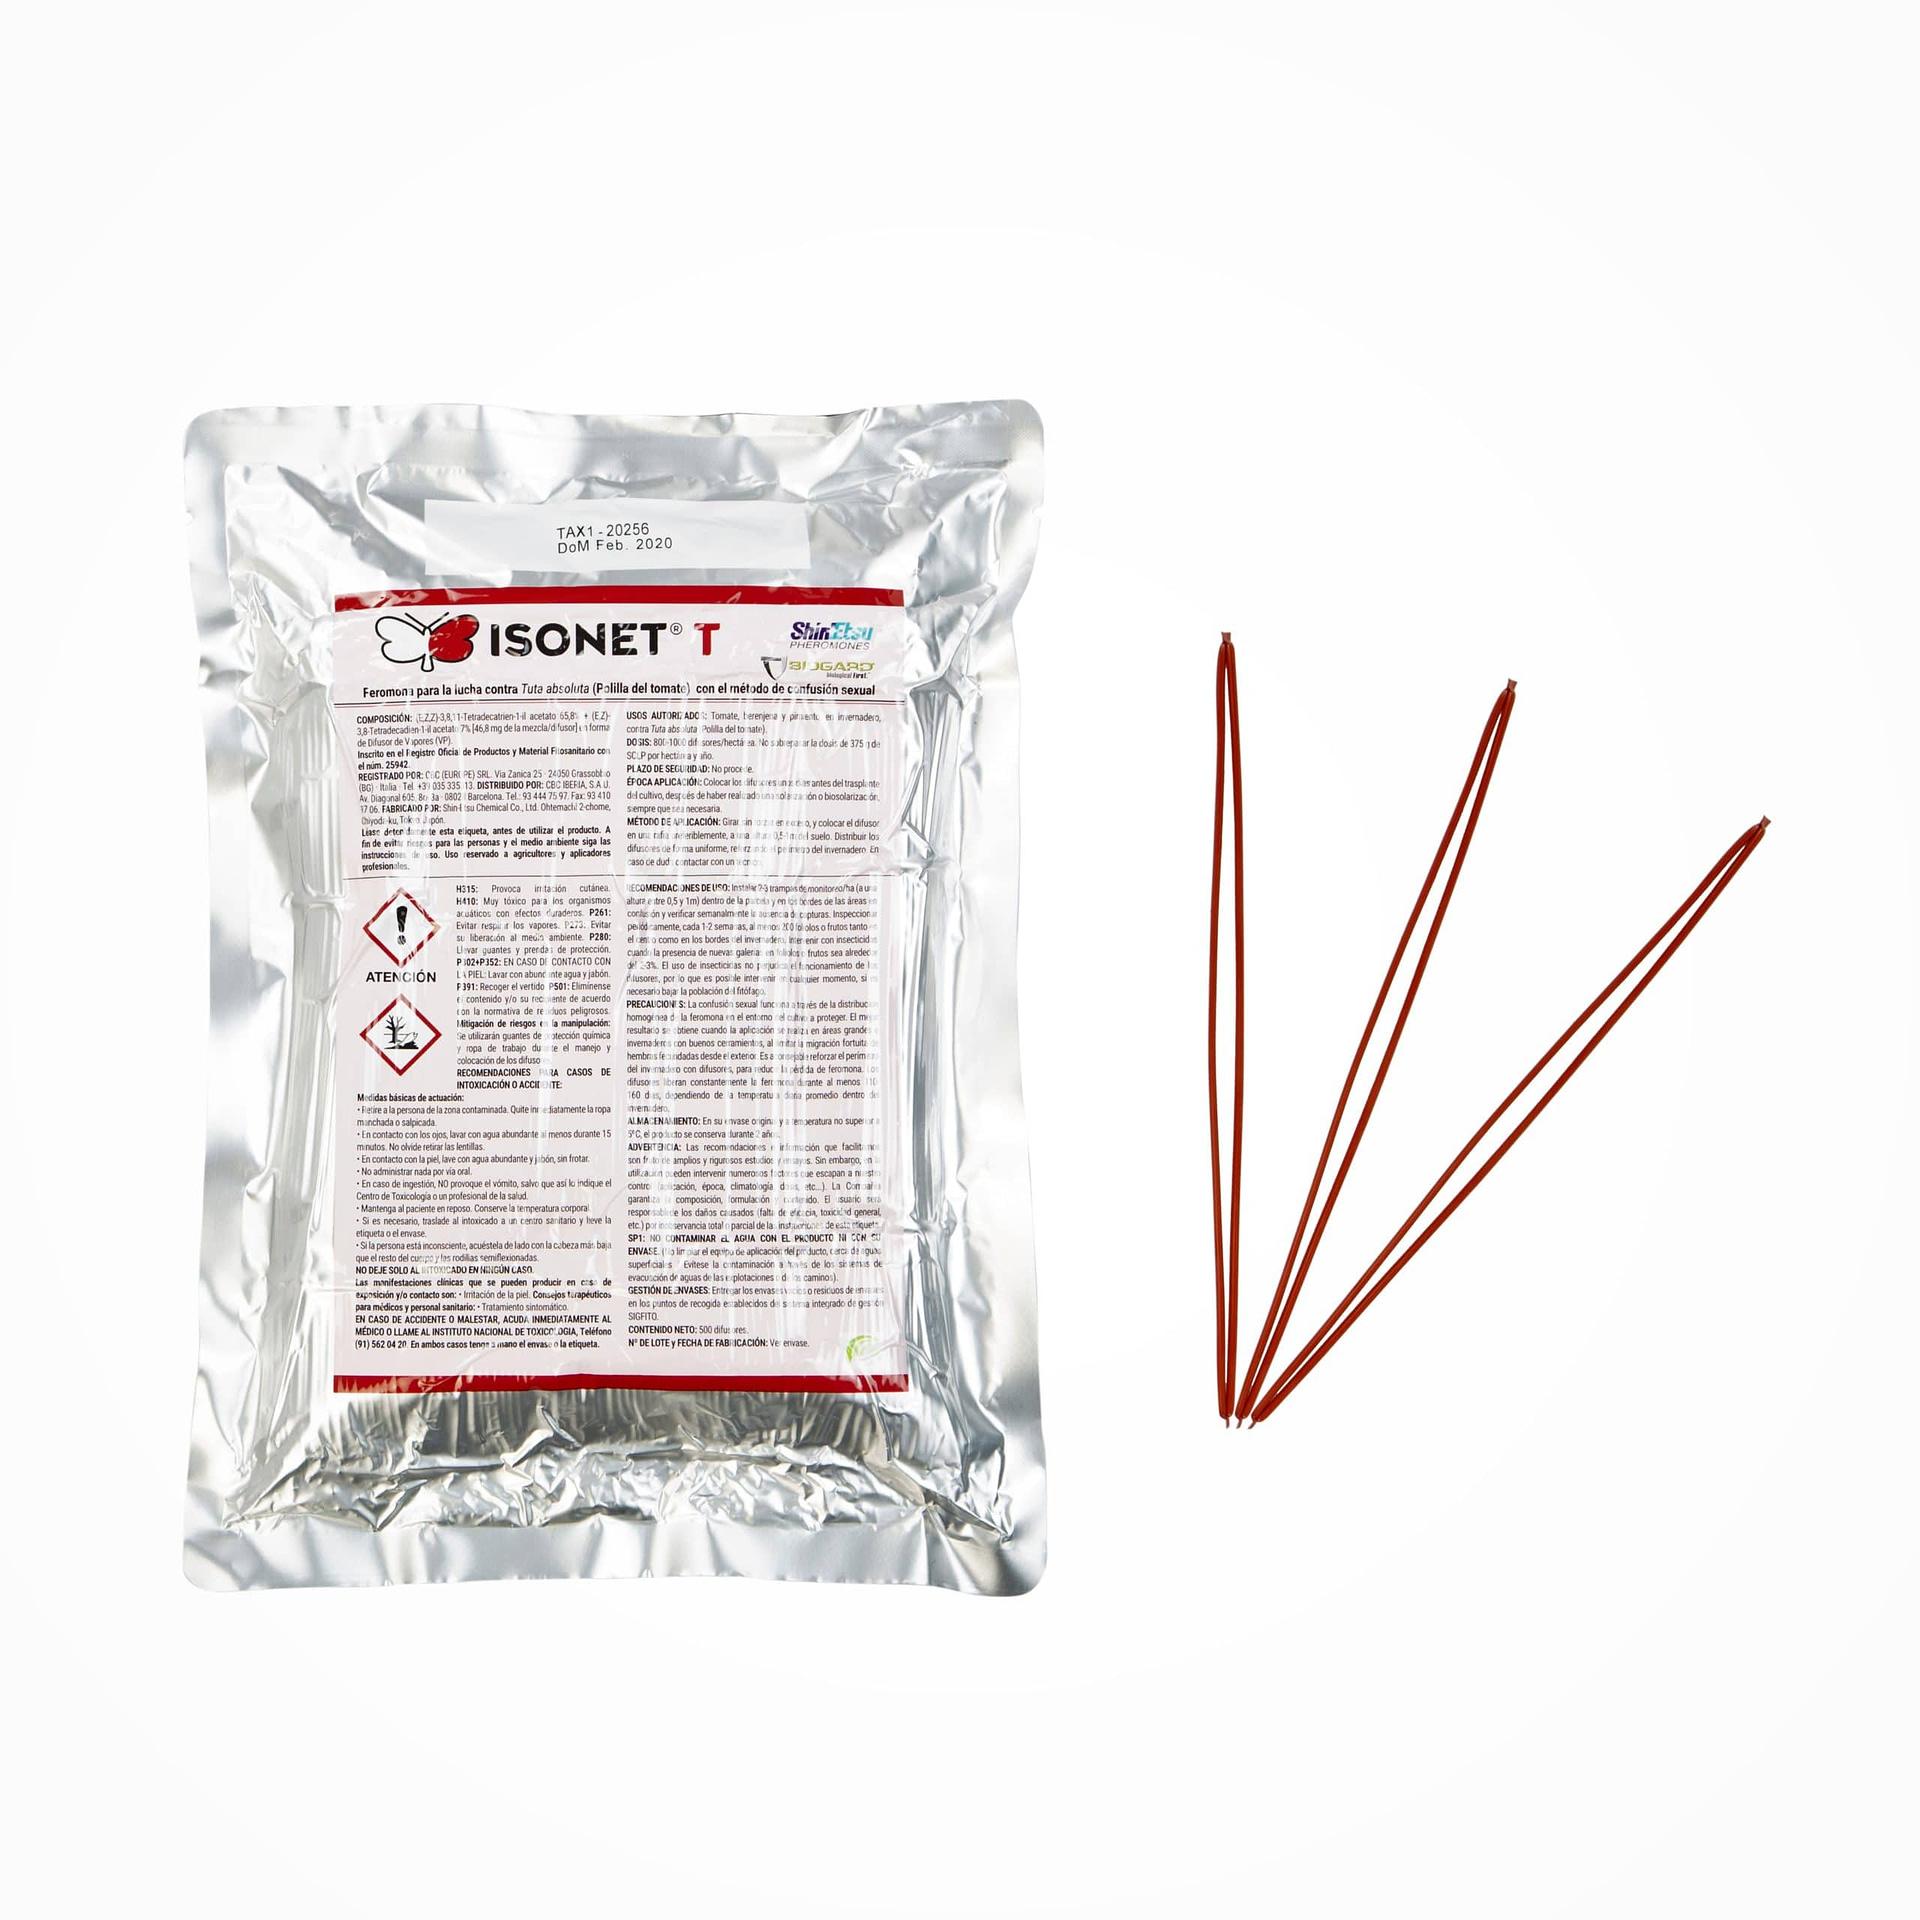 Biogard - Isonet® T